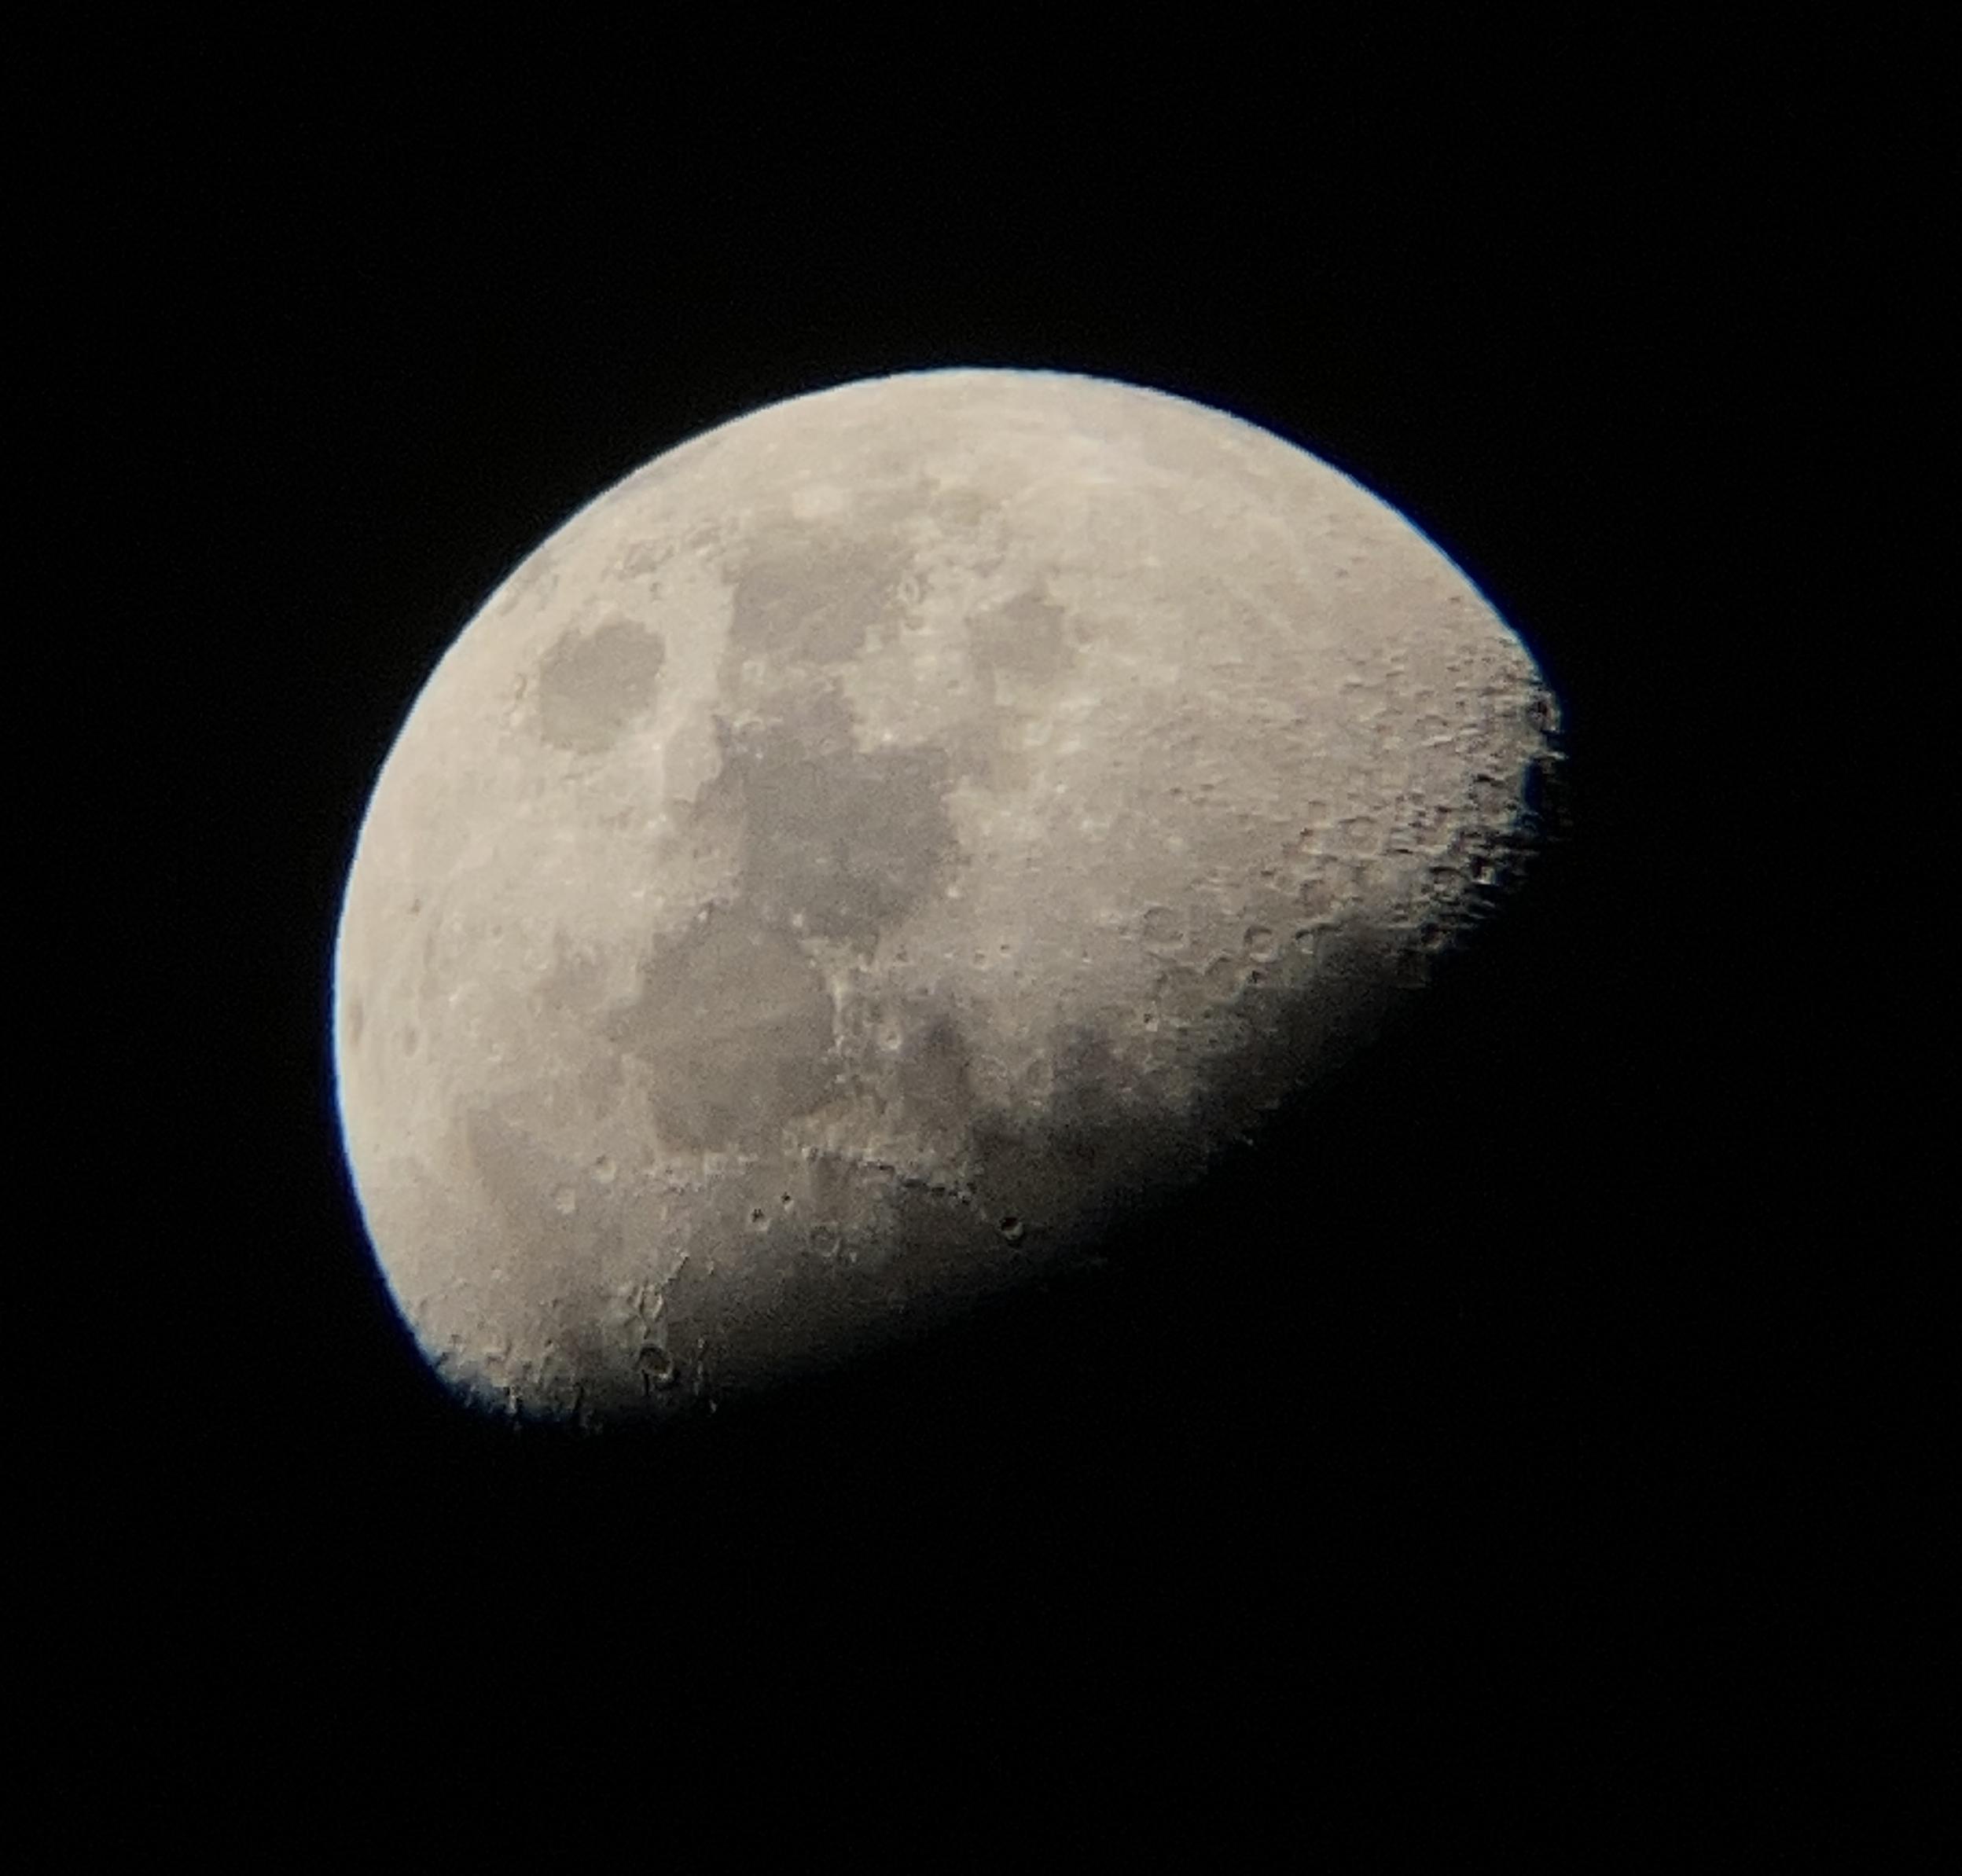 「天体望遠鏡ウルトラムーンを使用して撮影した月」画像